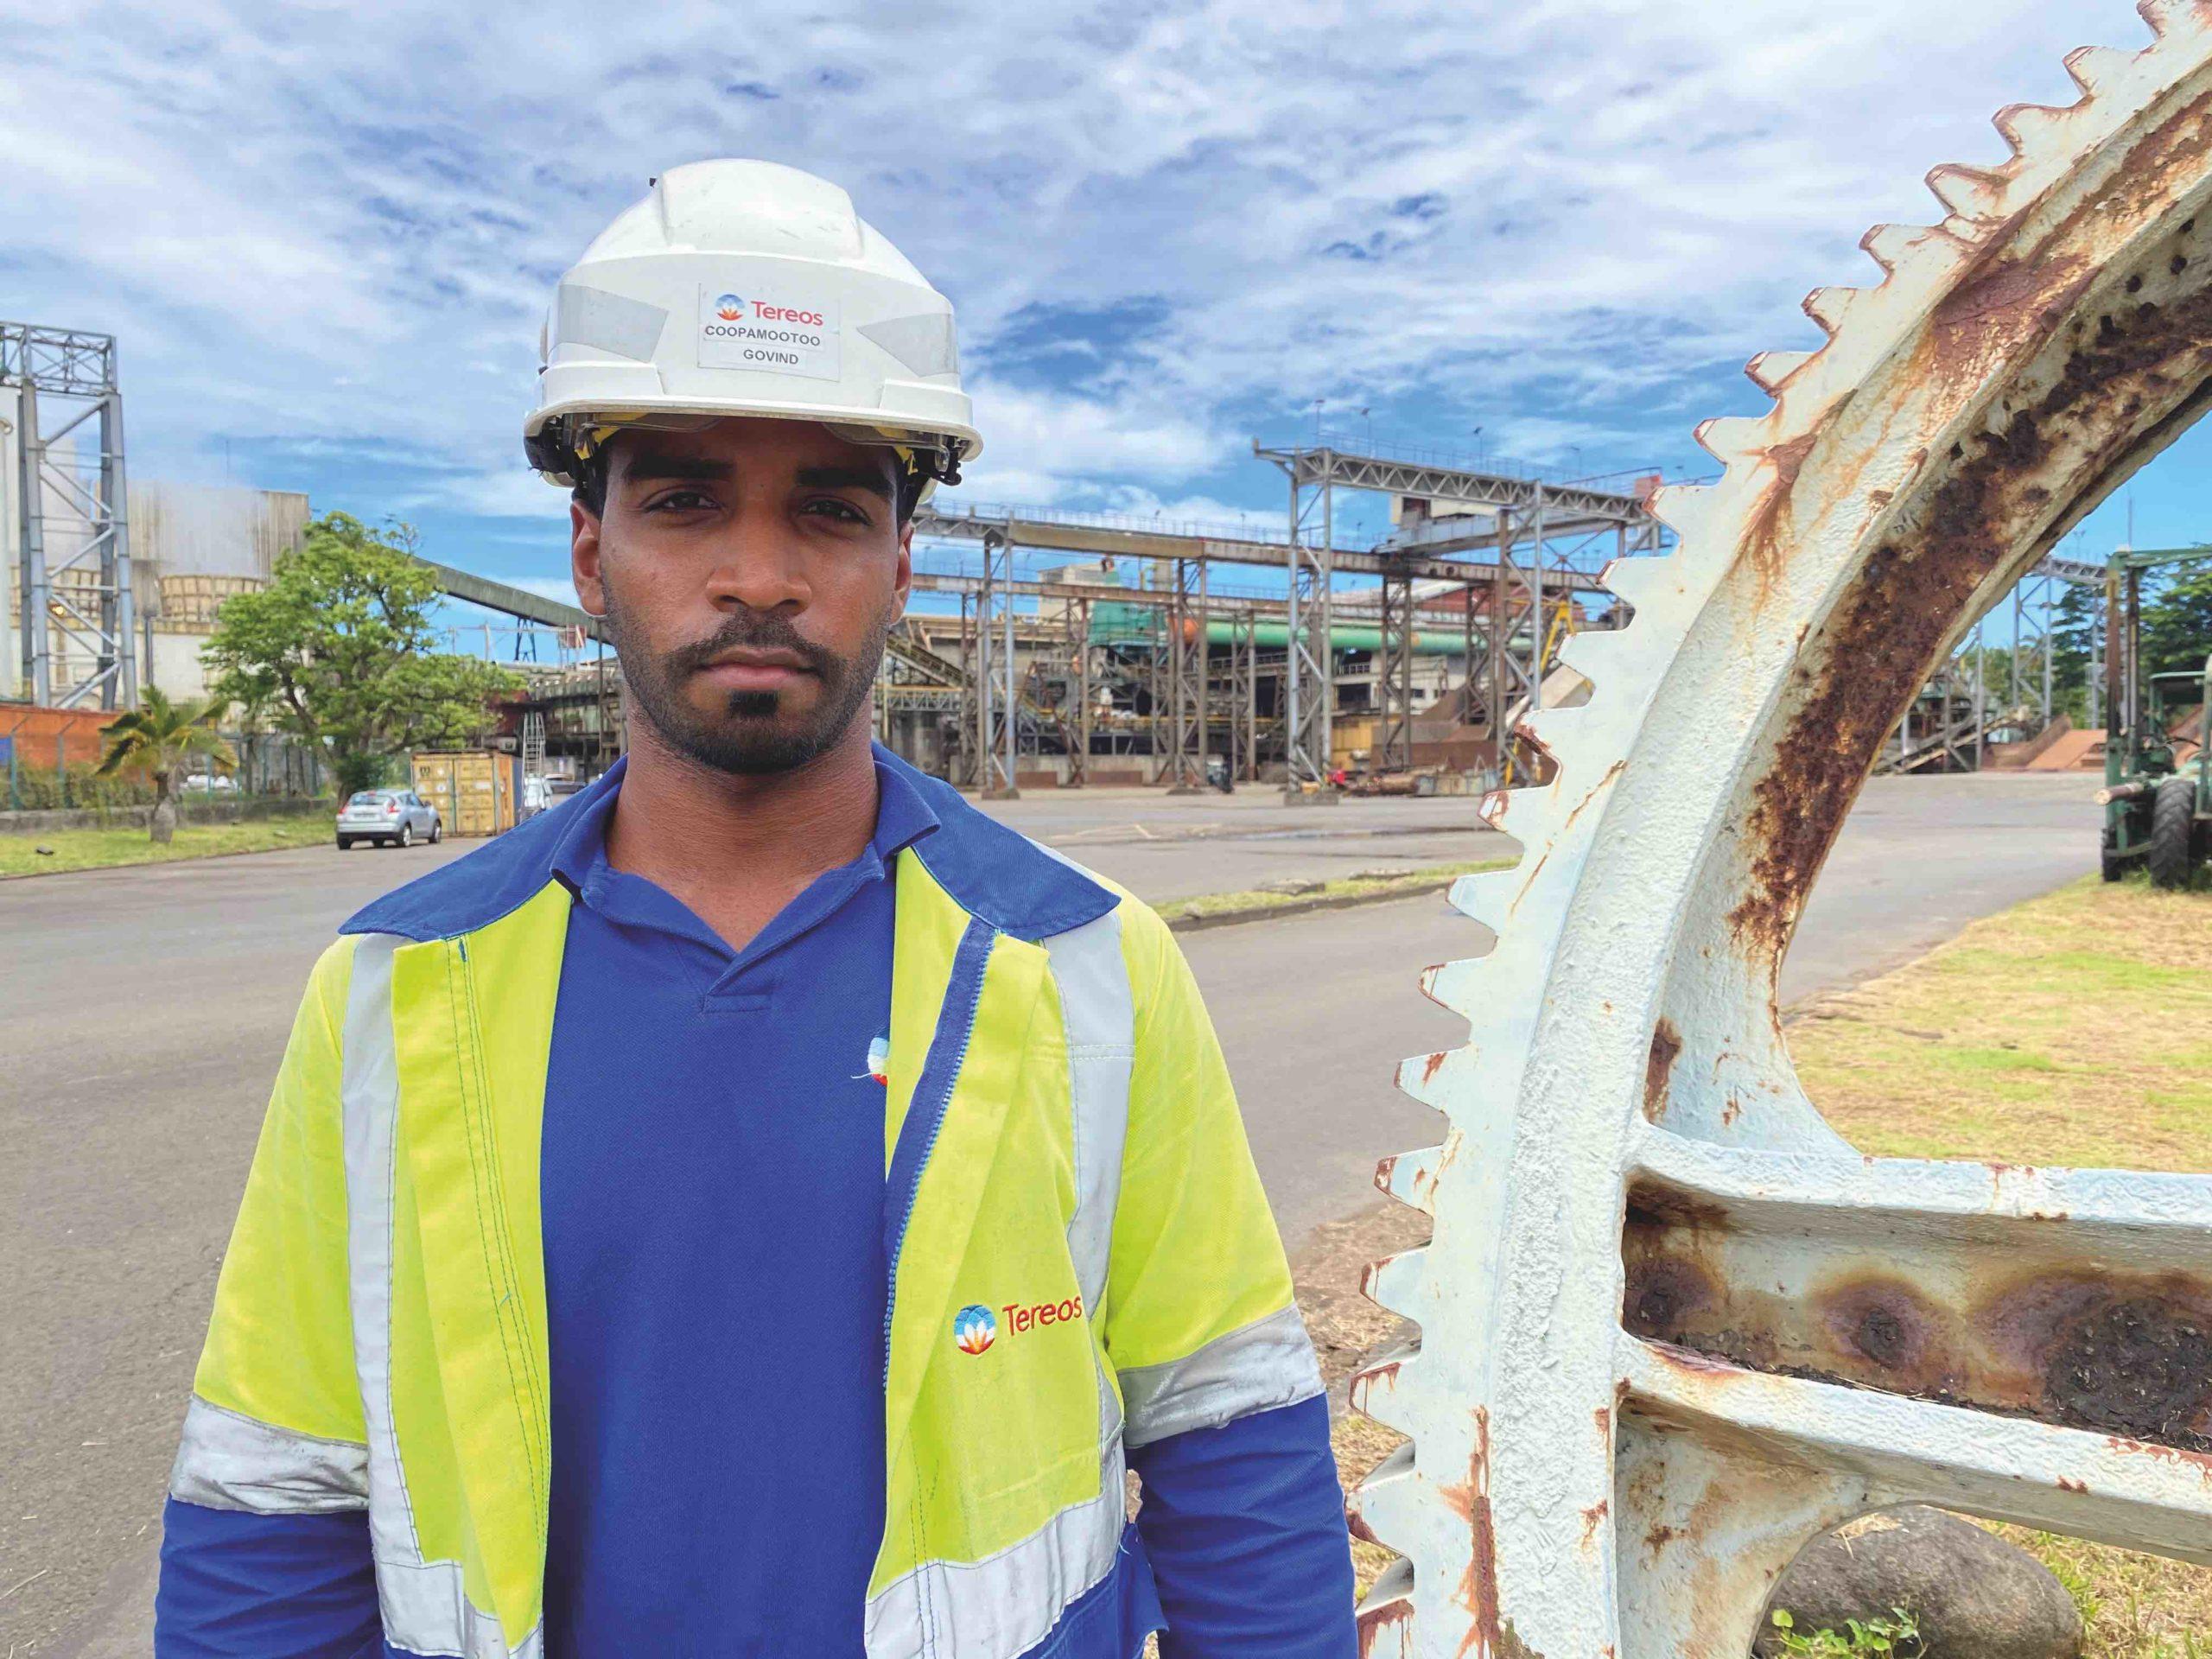 Govind Coopamootoo : « La sensibilité à la sécurité est un atout »